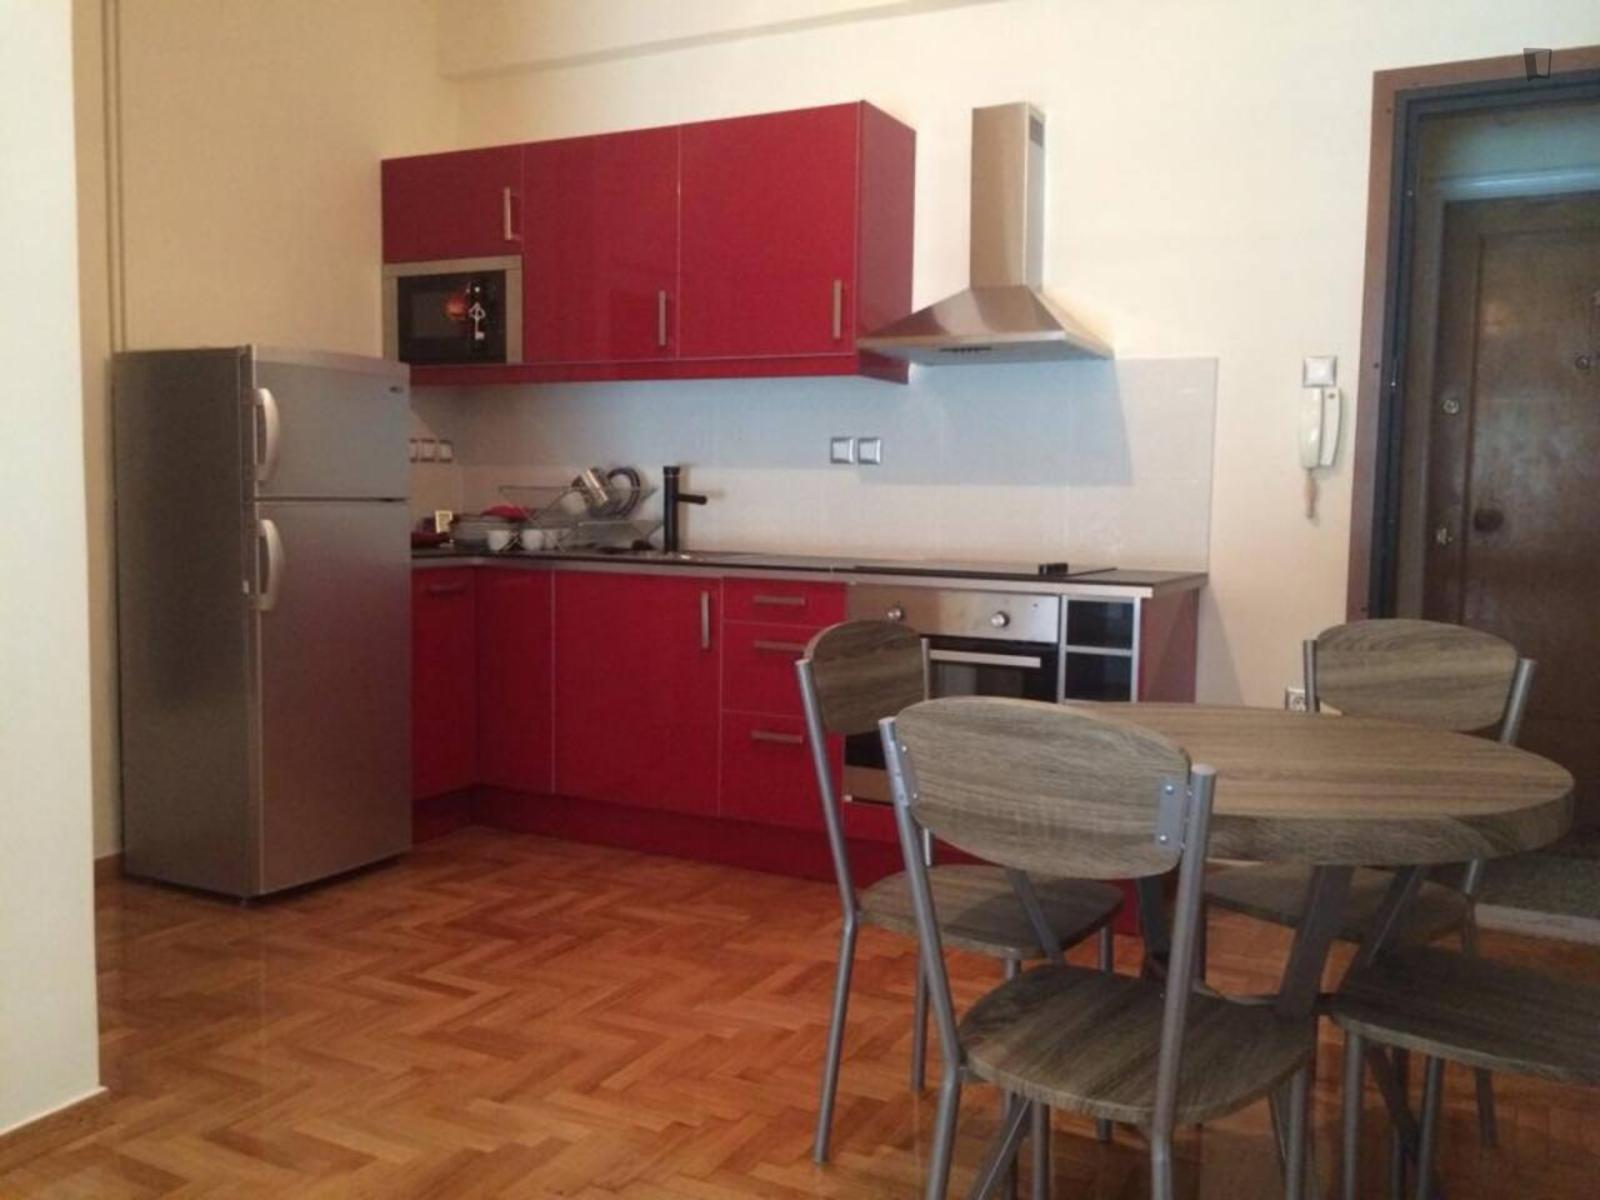 Veikou, Athens, GR-I - 450 EUR/ month